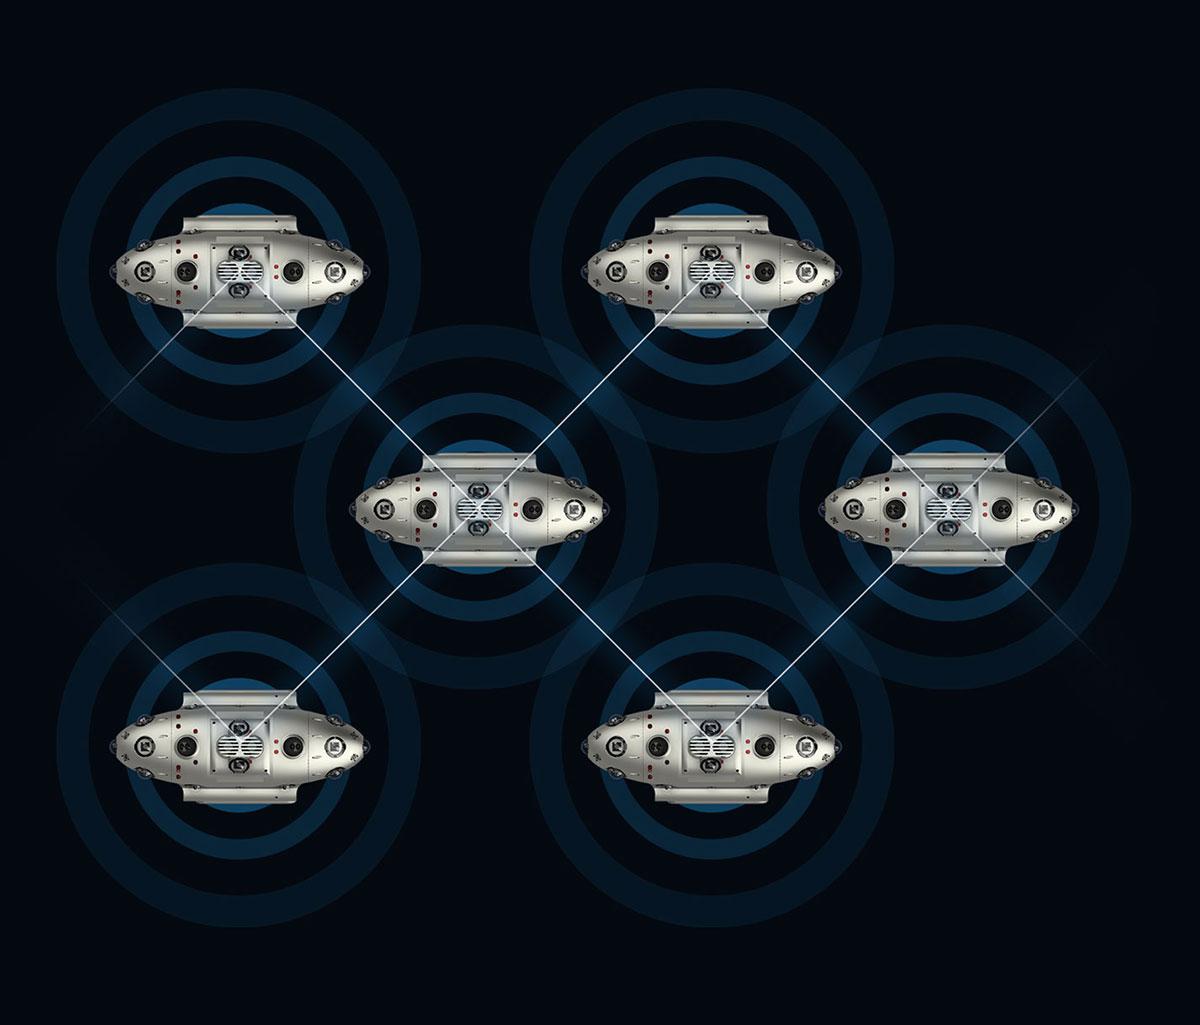 AUV Swarm